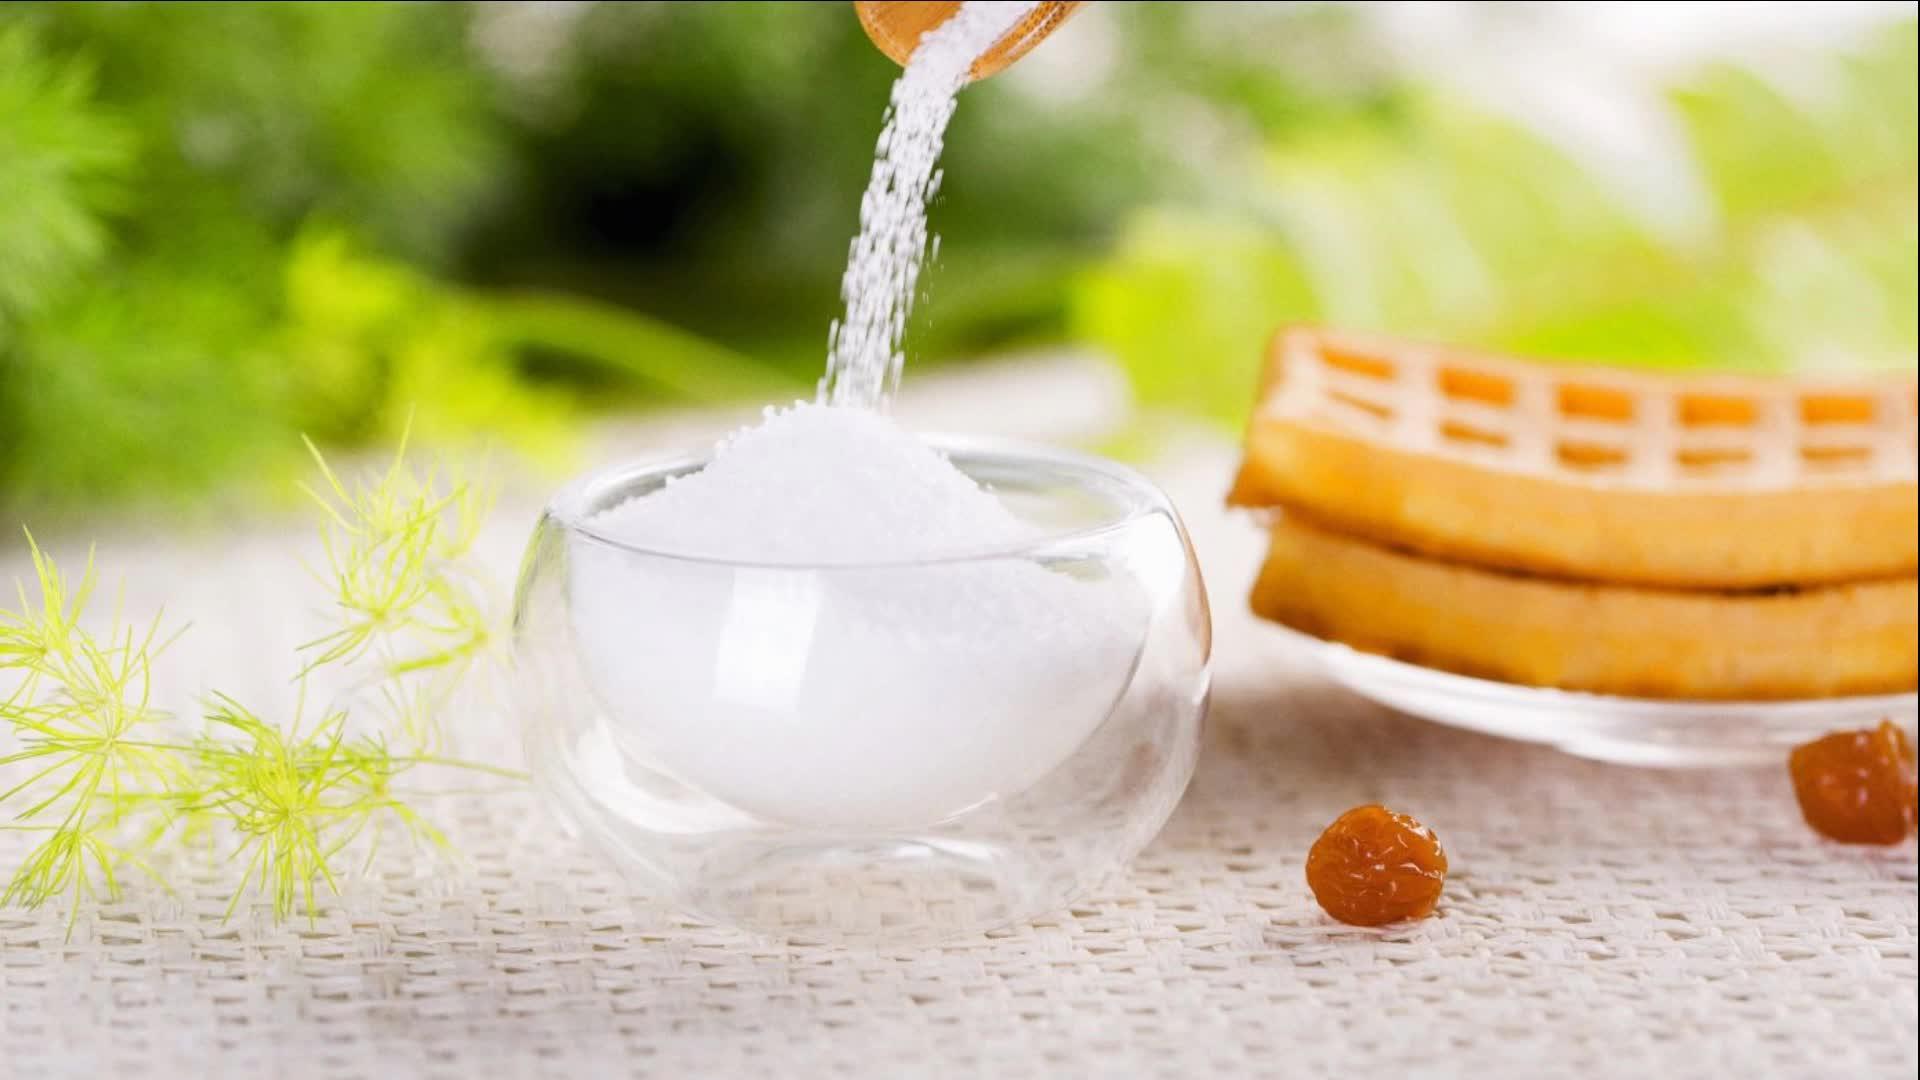 NSF-cGM 甘味料有機ハーブエキス末ステビア砂糖